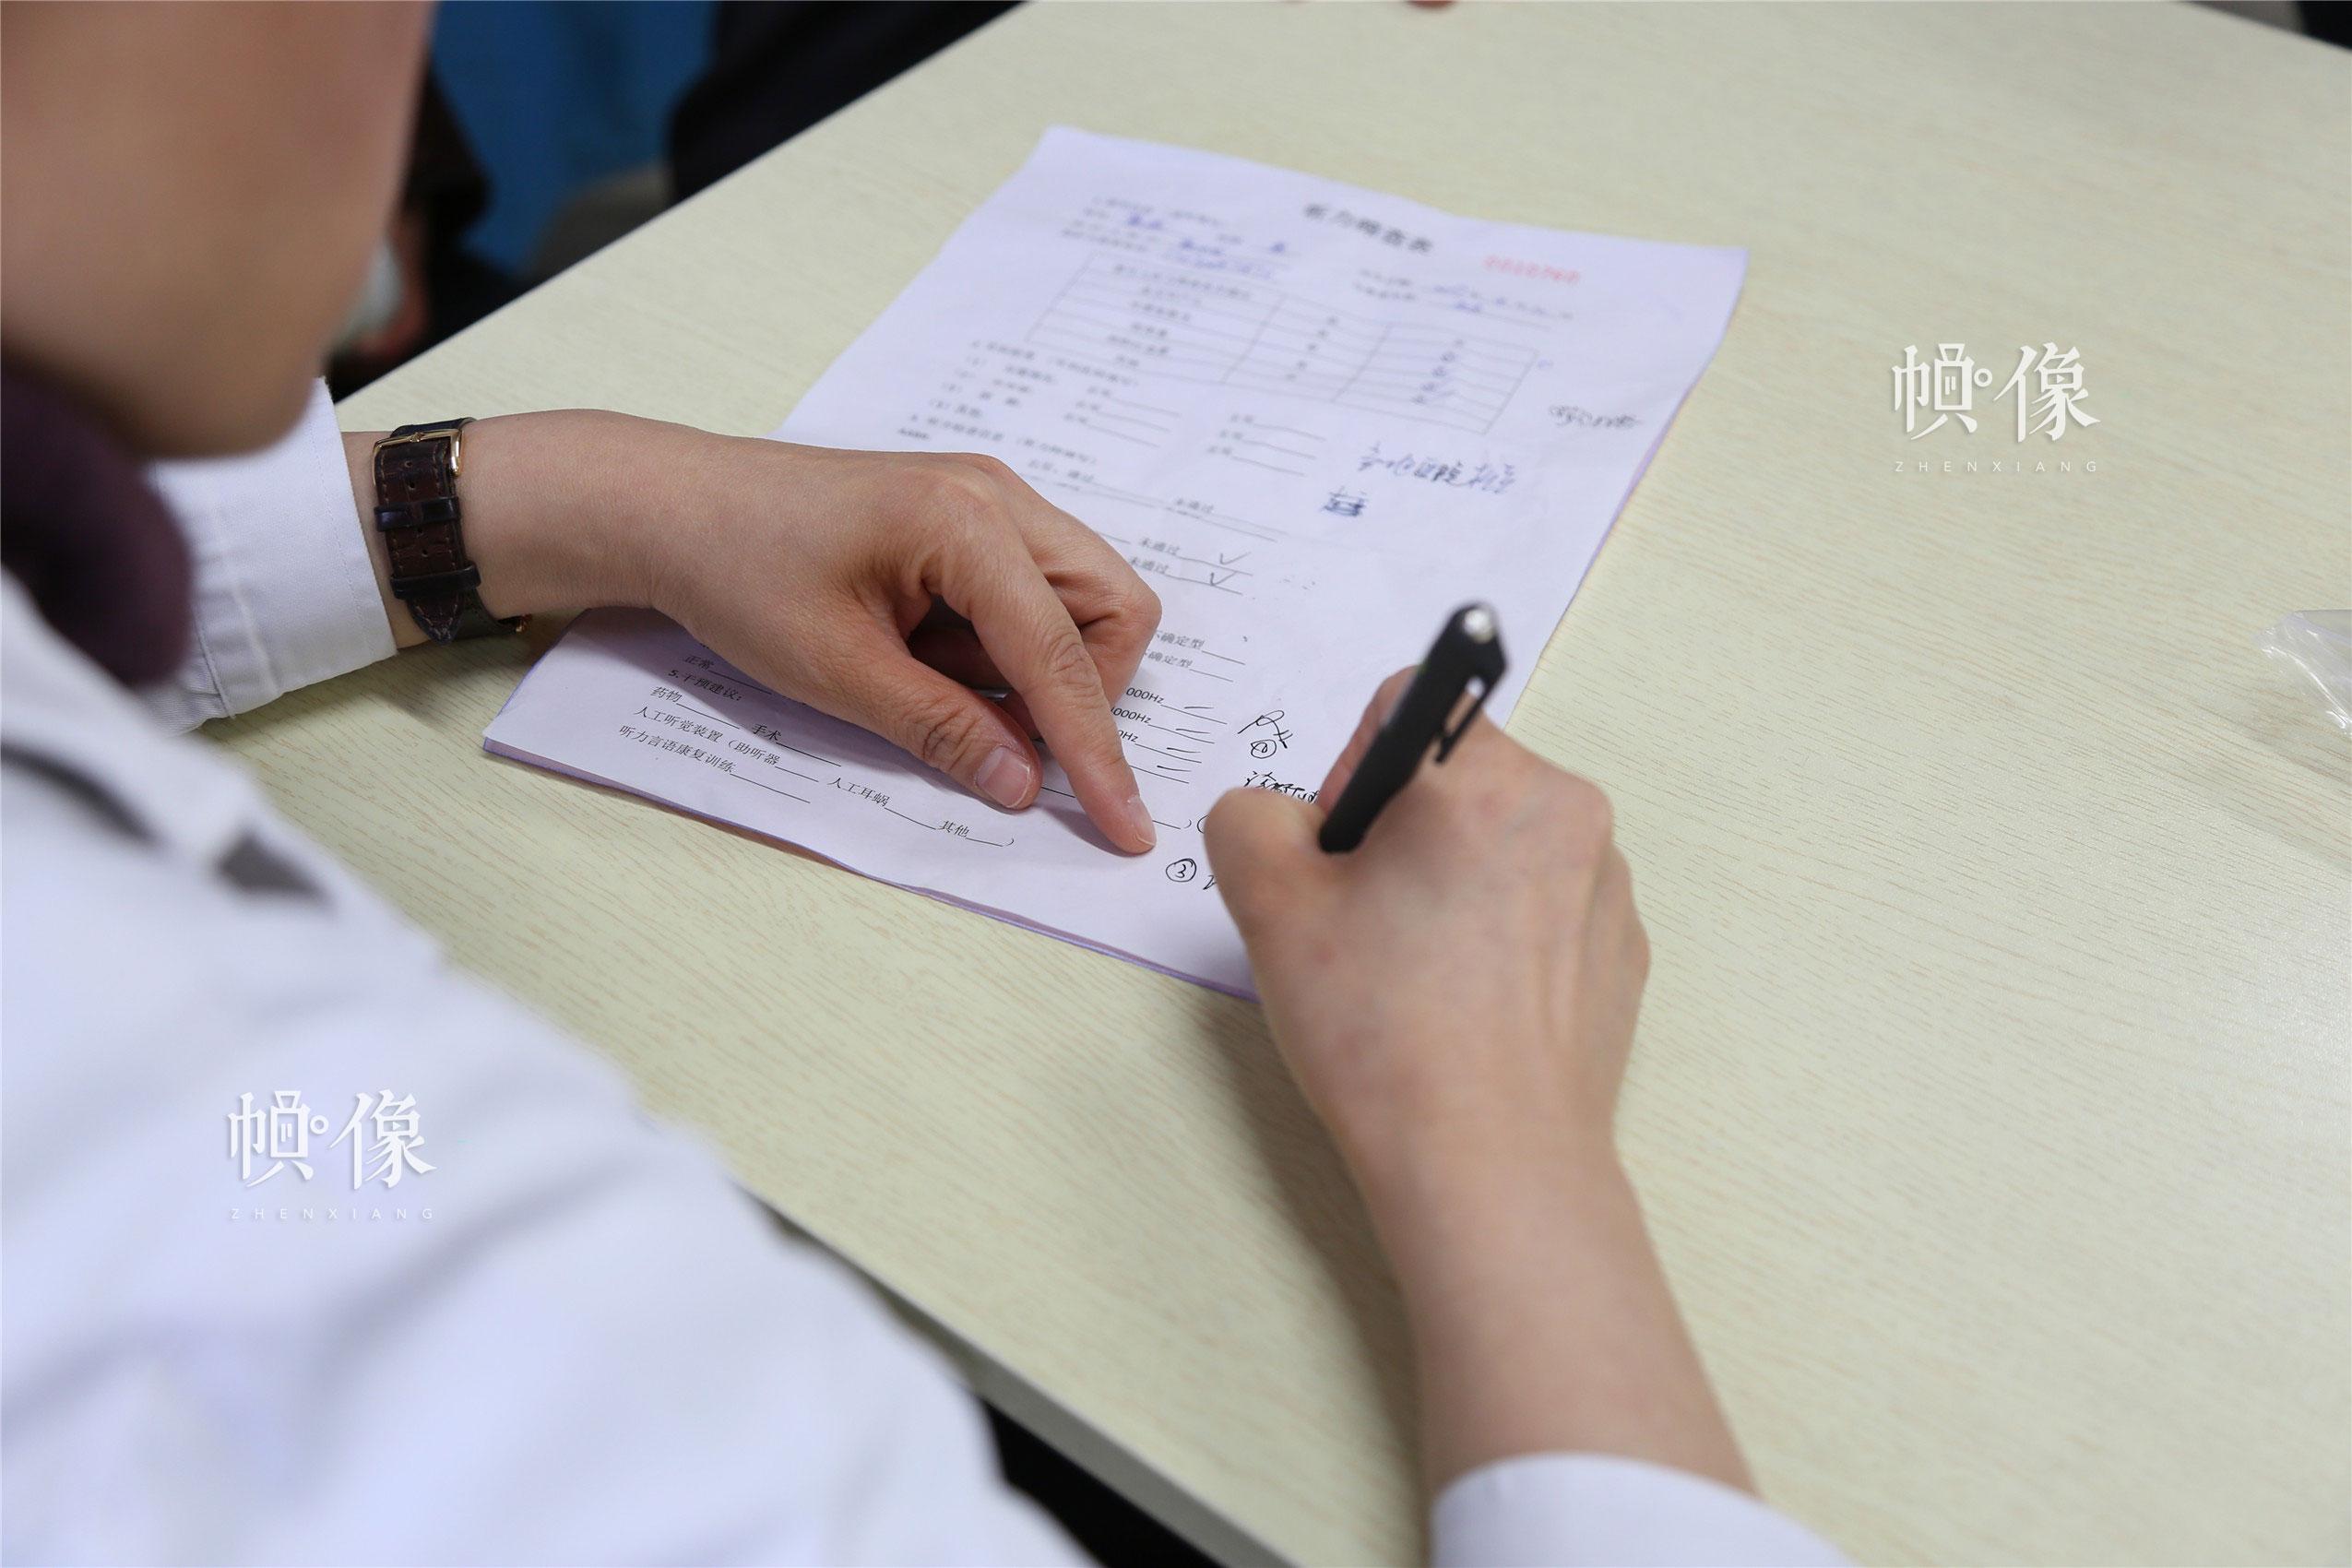 2018年1月21日,甘肃省陇南市西和县,首都医科大学附属北京儿童医院耳鼻咽喉头颈外科科主任、主任医师张杰为听障儿童写诊断。中国网实习记者 朱珊杉 摄